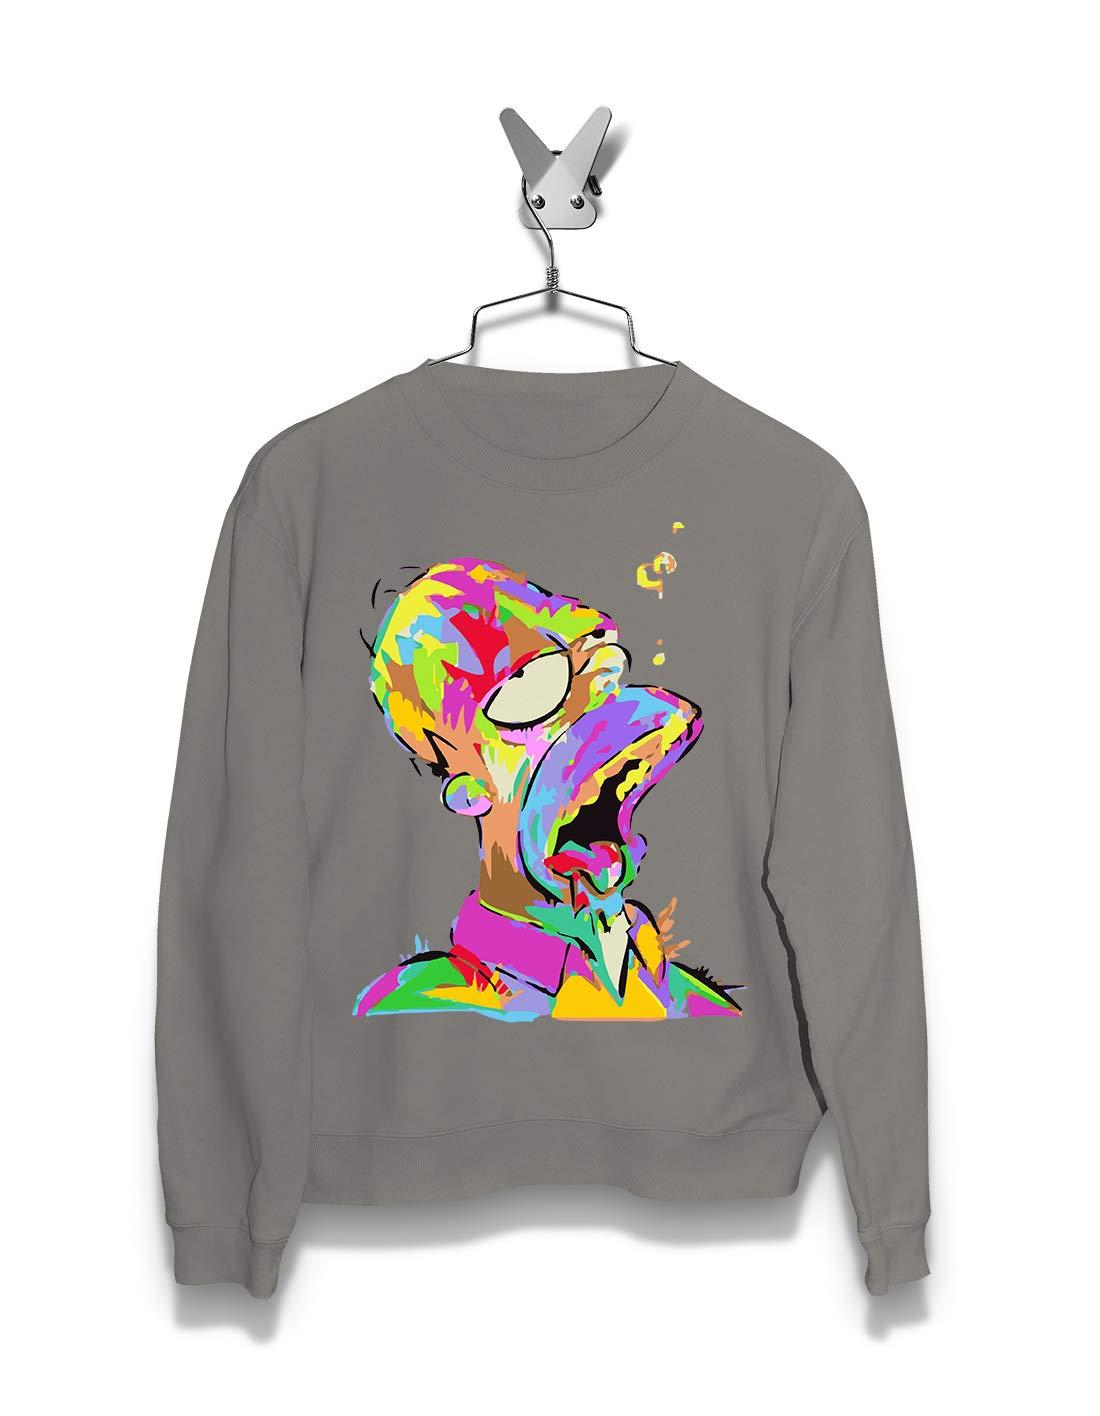 Short Tees Sleeve Graphic Fashion Men Hoodie /& Sweatshirts Painted Homer Streetwear The Simpsons